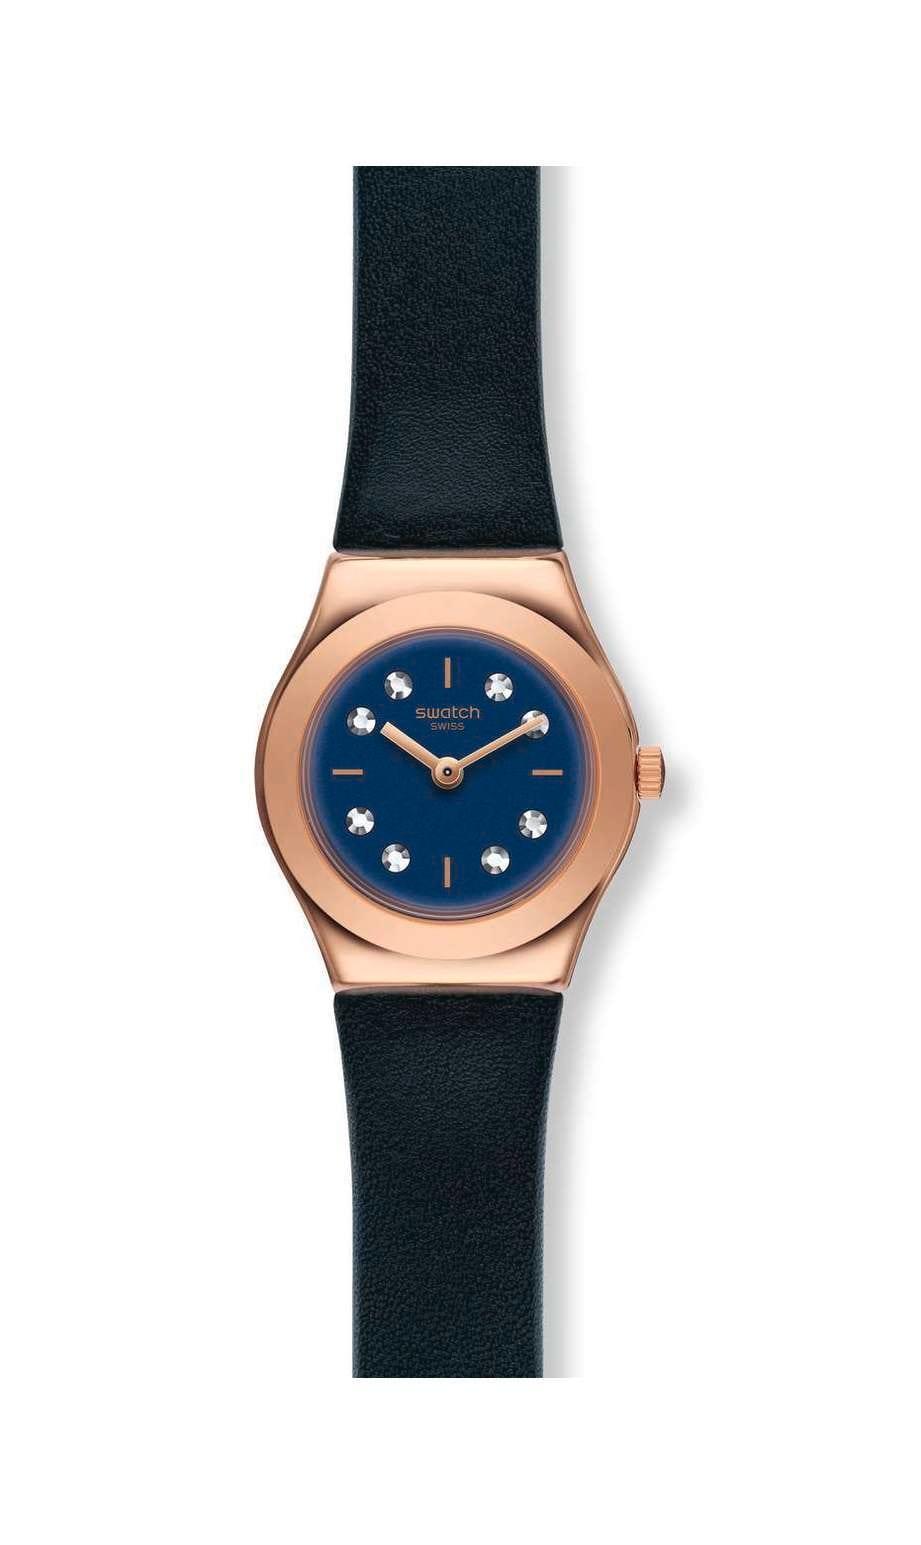 Swatch - ORO-LOGGIA - 1